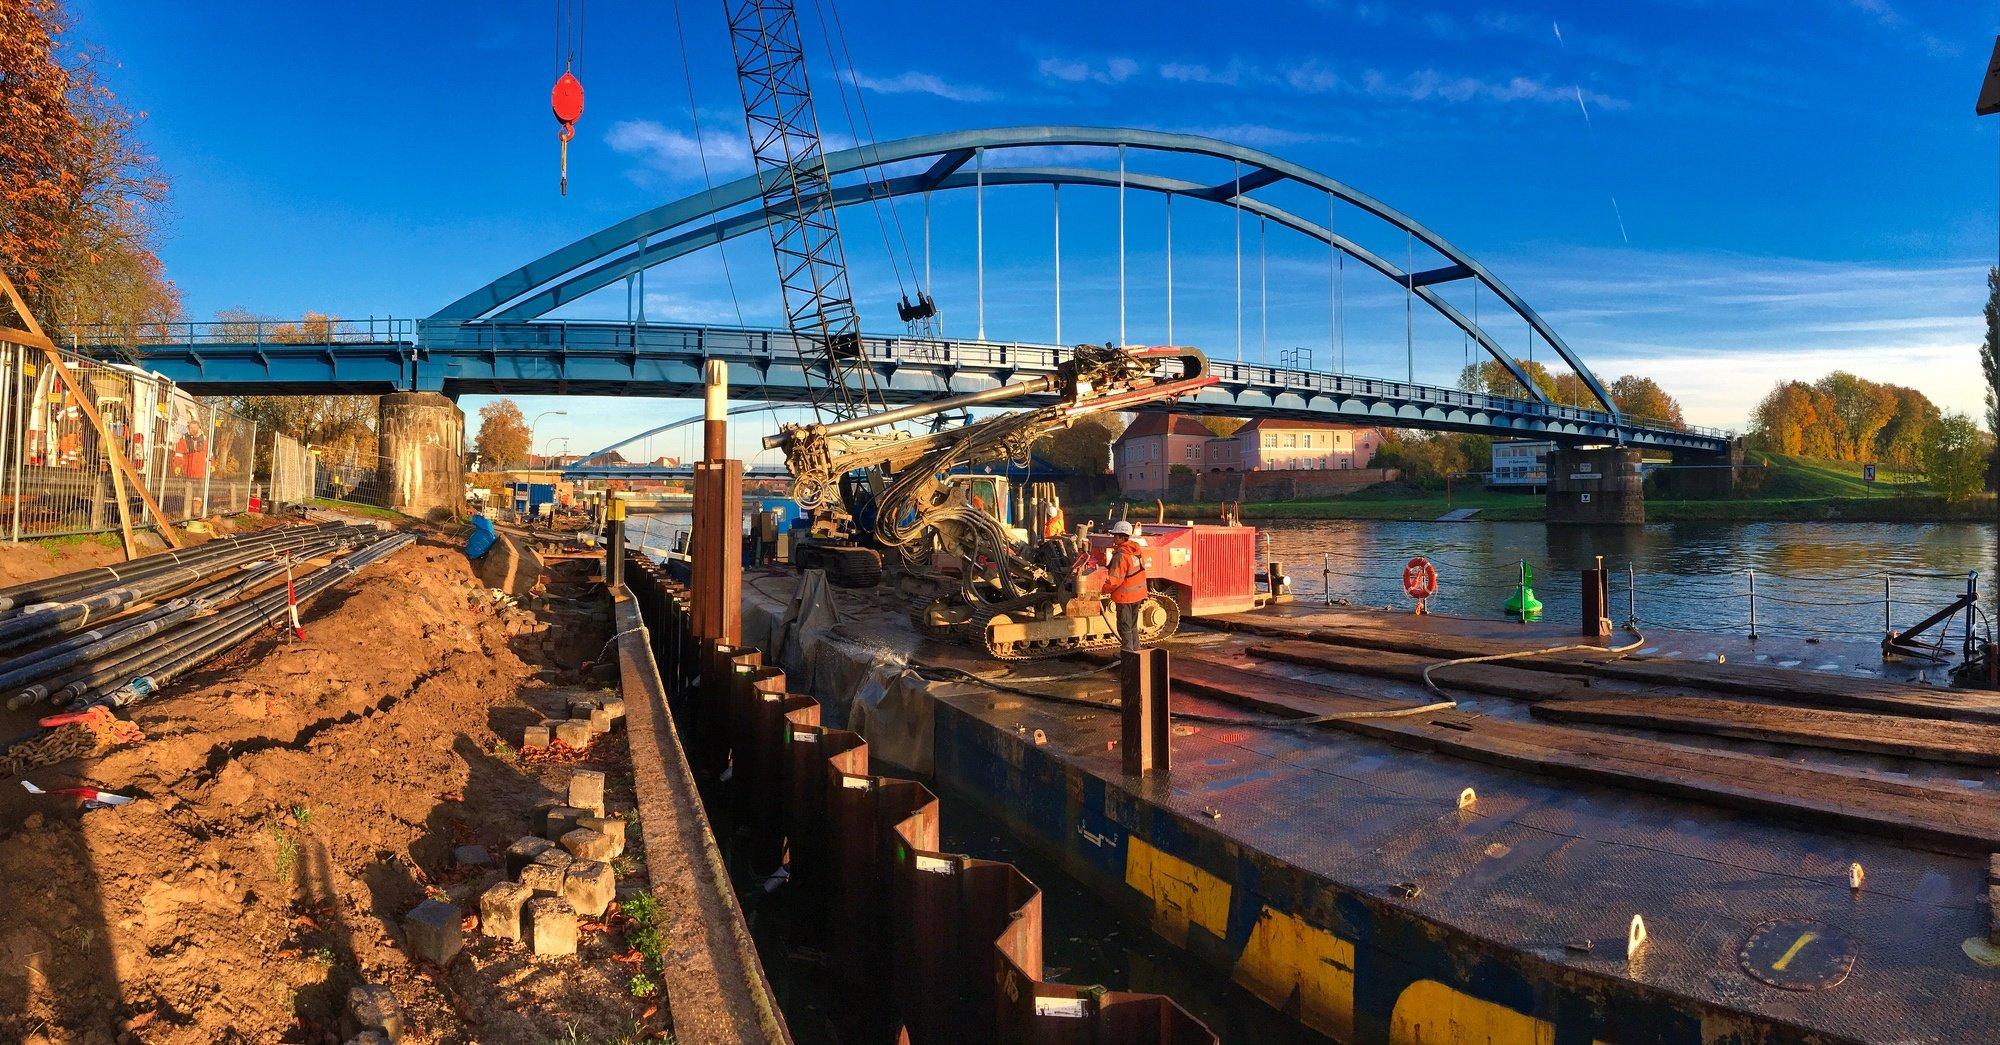 Ausbau einer Liegestelle an der Weser. Rückverankerung der Spundwand